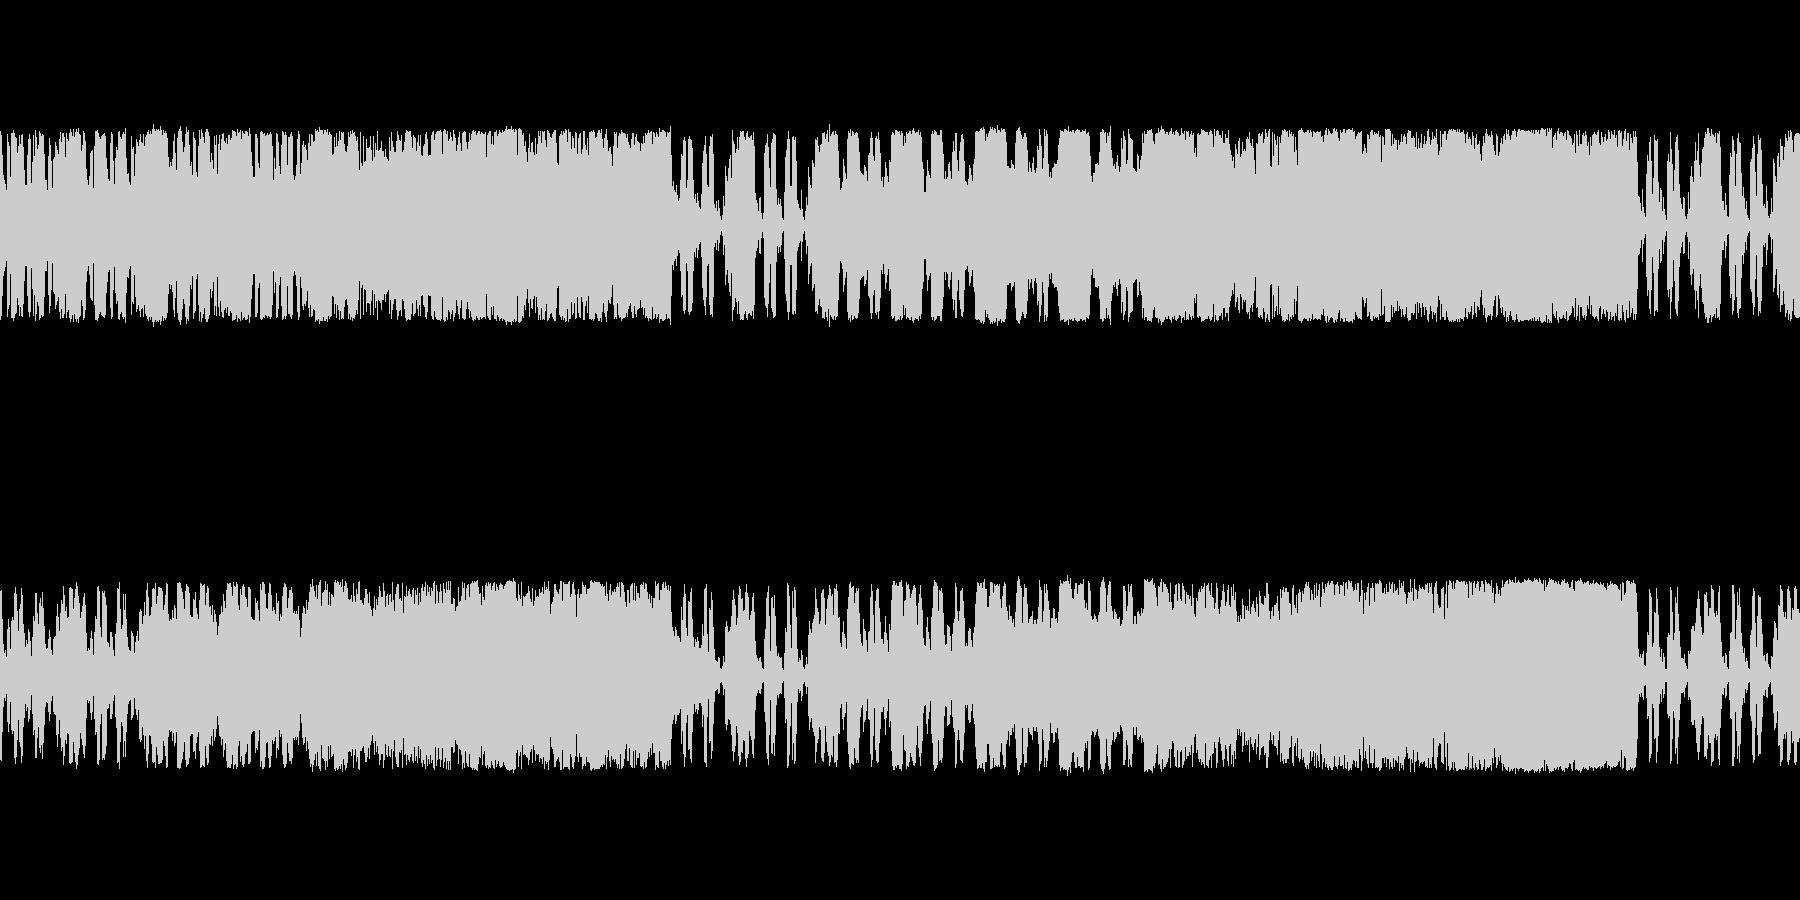 戦闘準備の高揚感をイメージしたBGMの未再生の波形